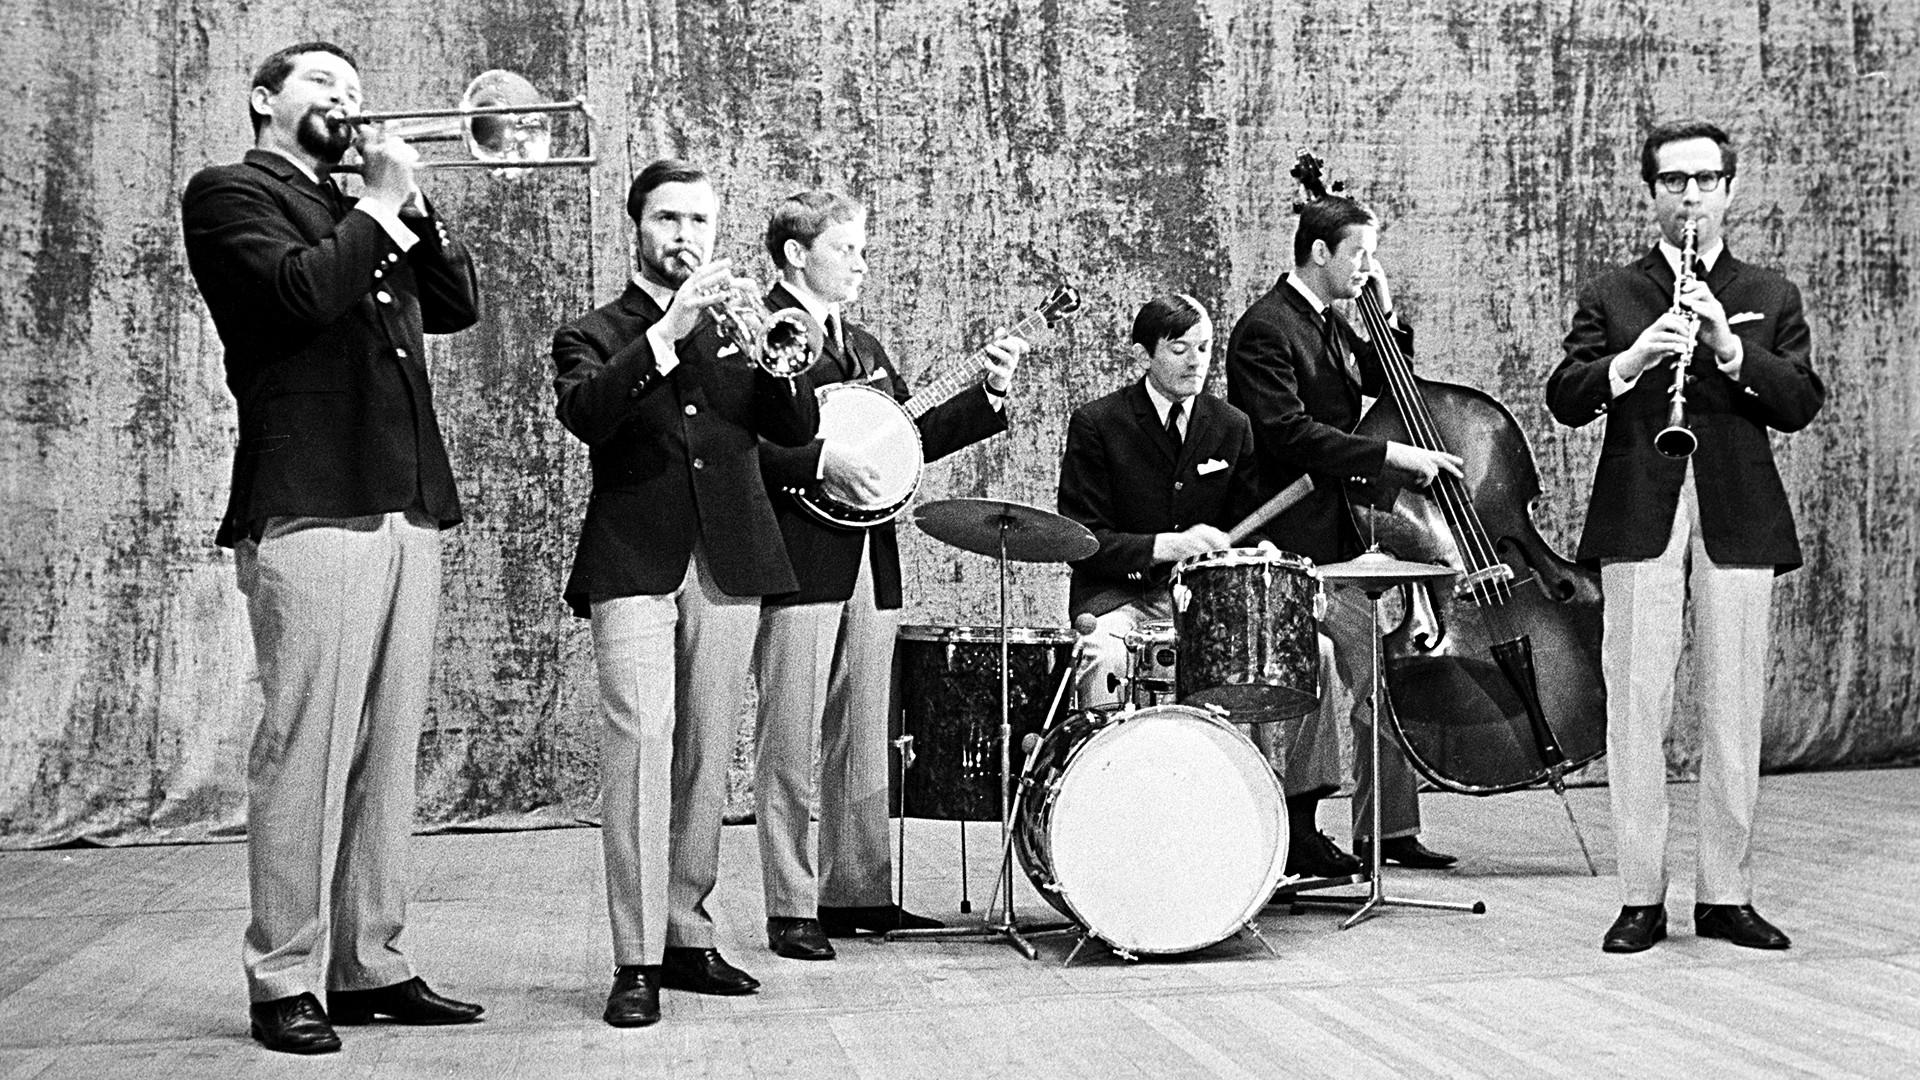 最初はソ連で歓迎されたアメリカのジャズがのちに禁止されたのはなぜか ...